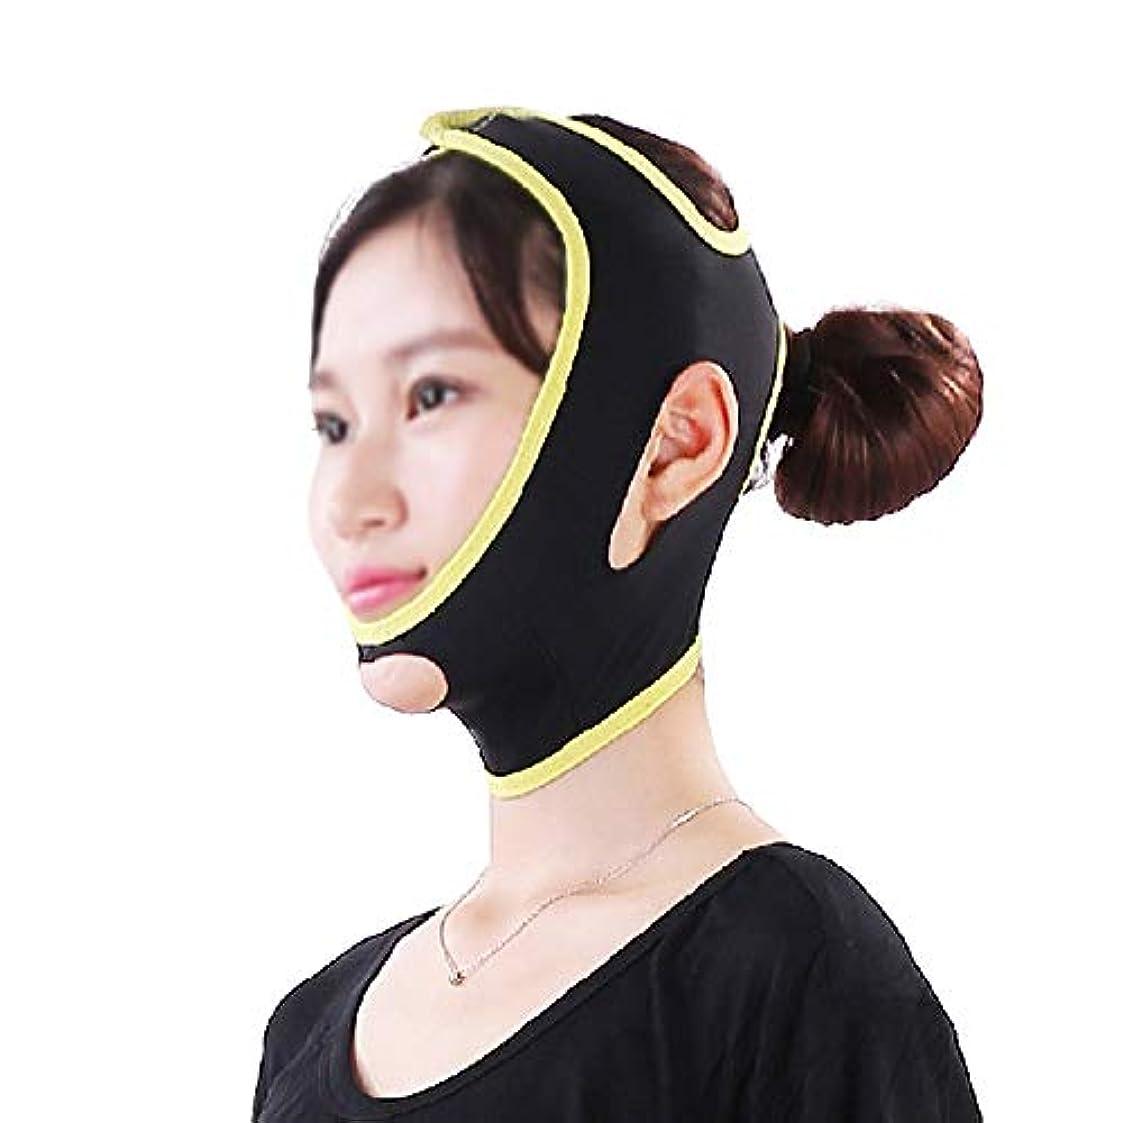 パネル遠近法義務づけるGLJJQMY 顔と首のリフトVマスクは顔面の輪郭を強調し、咬筋の引き締まったあごの超弾性包帯を緩和します 顔用整形マスク (Size : L)